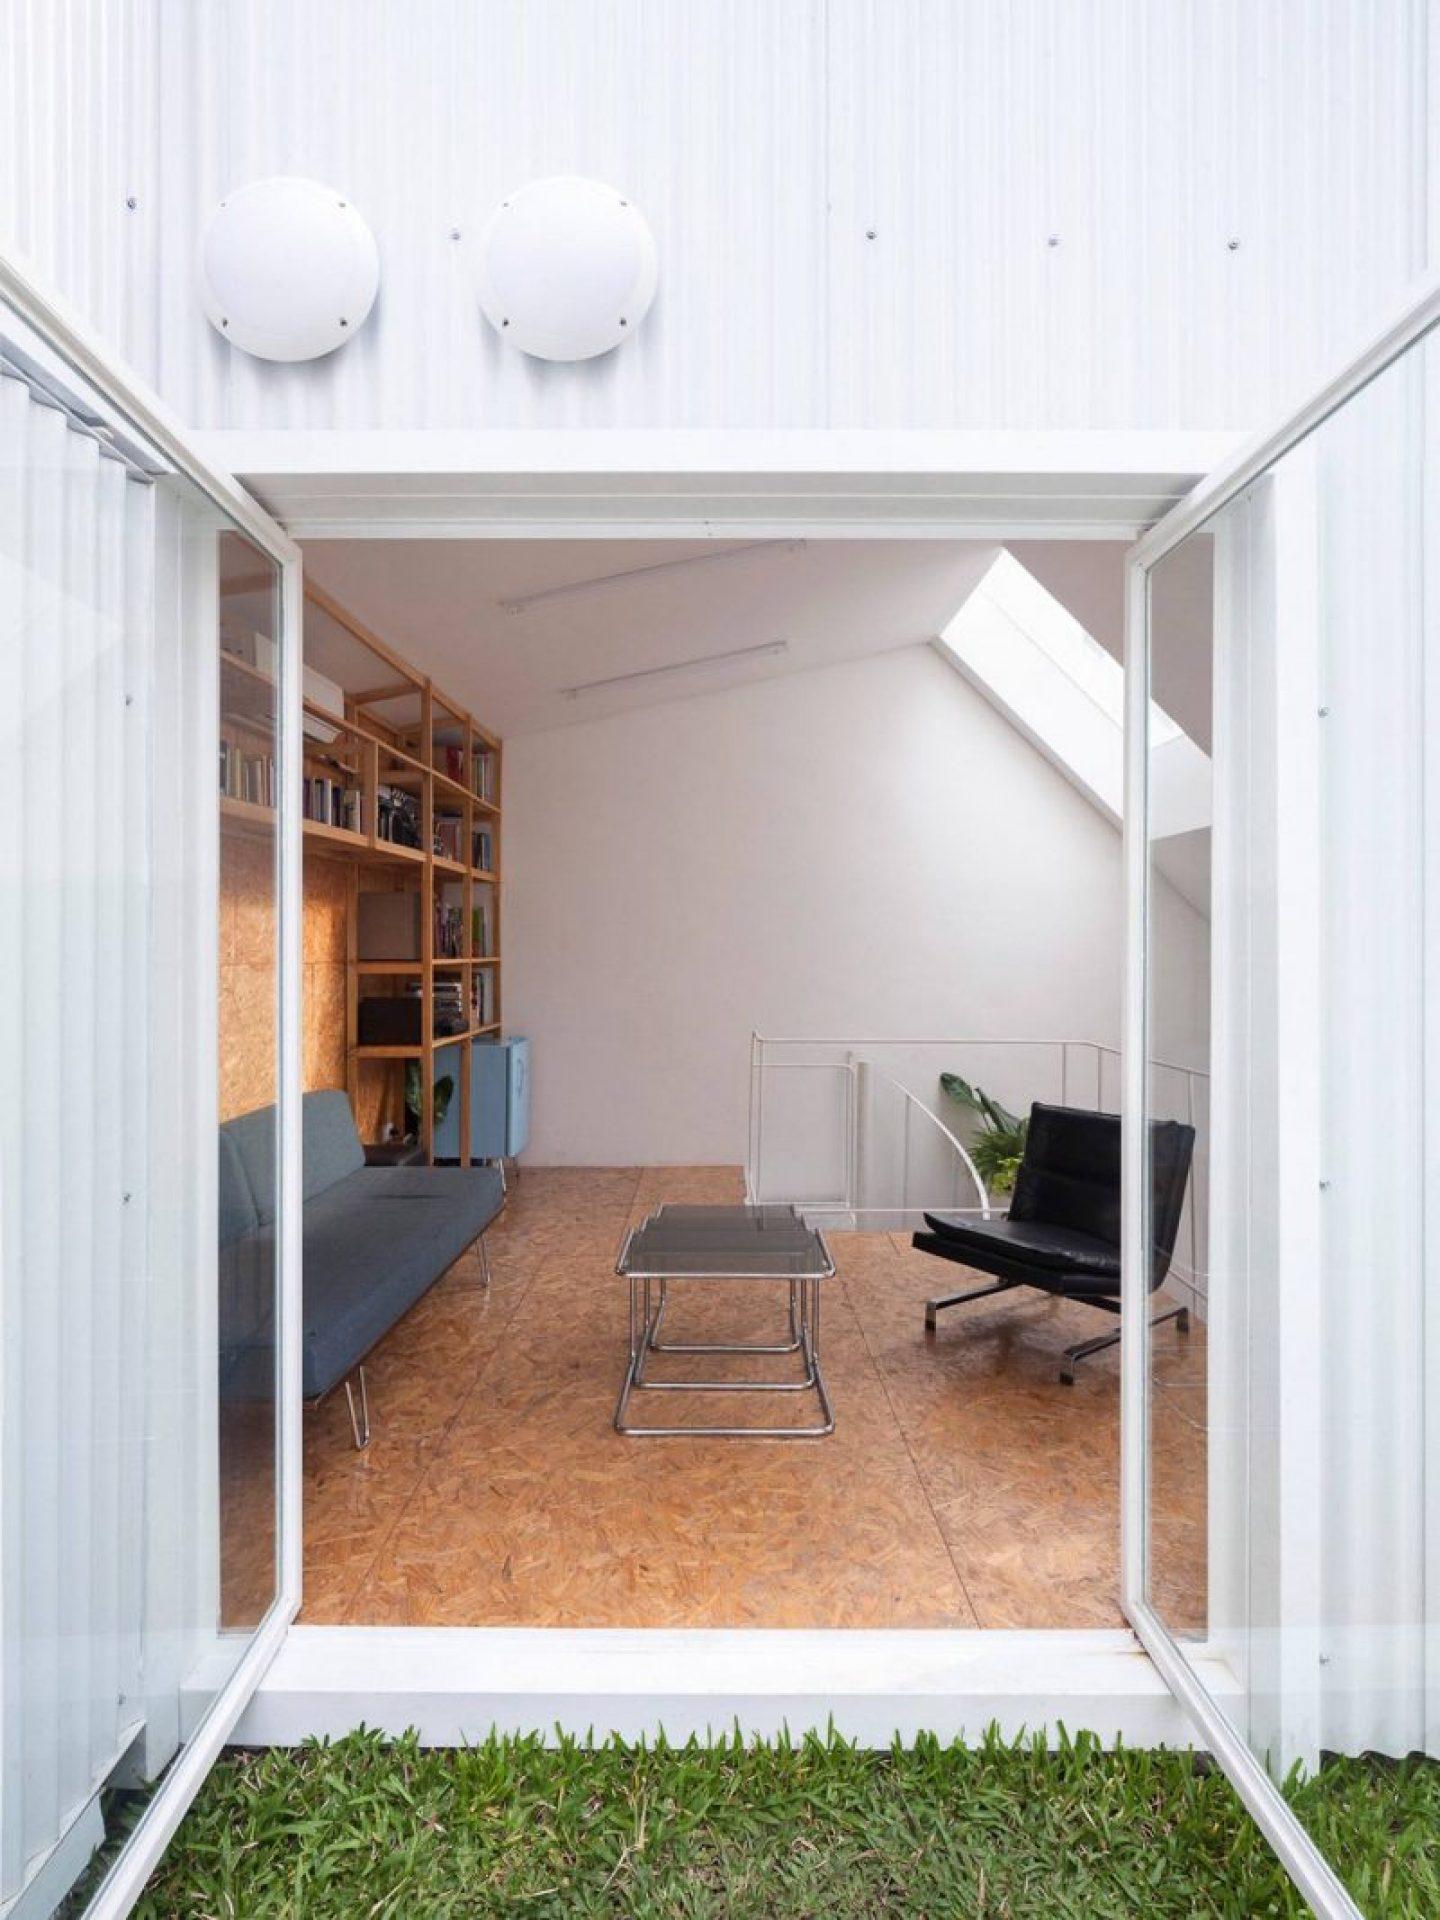 ignant_architecture_ccpm-arquitectos_005